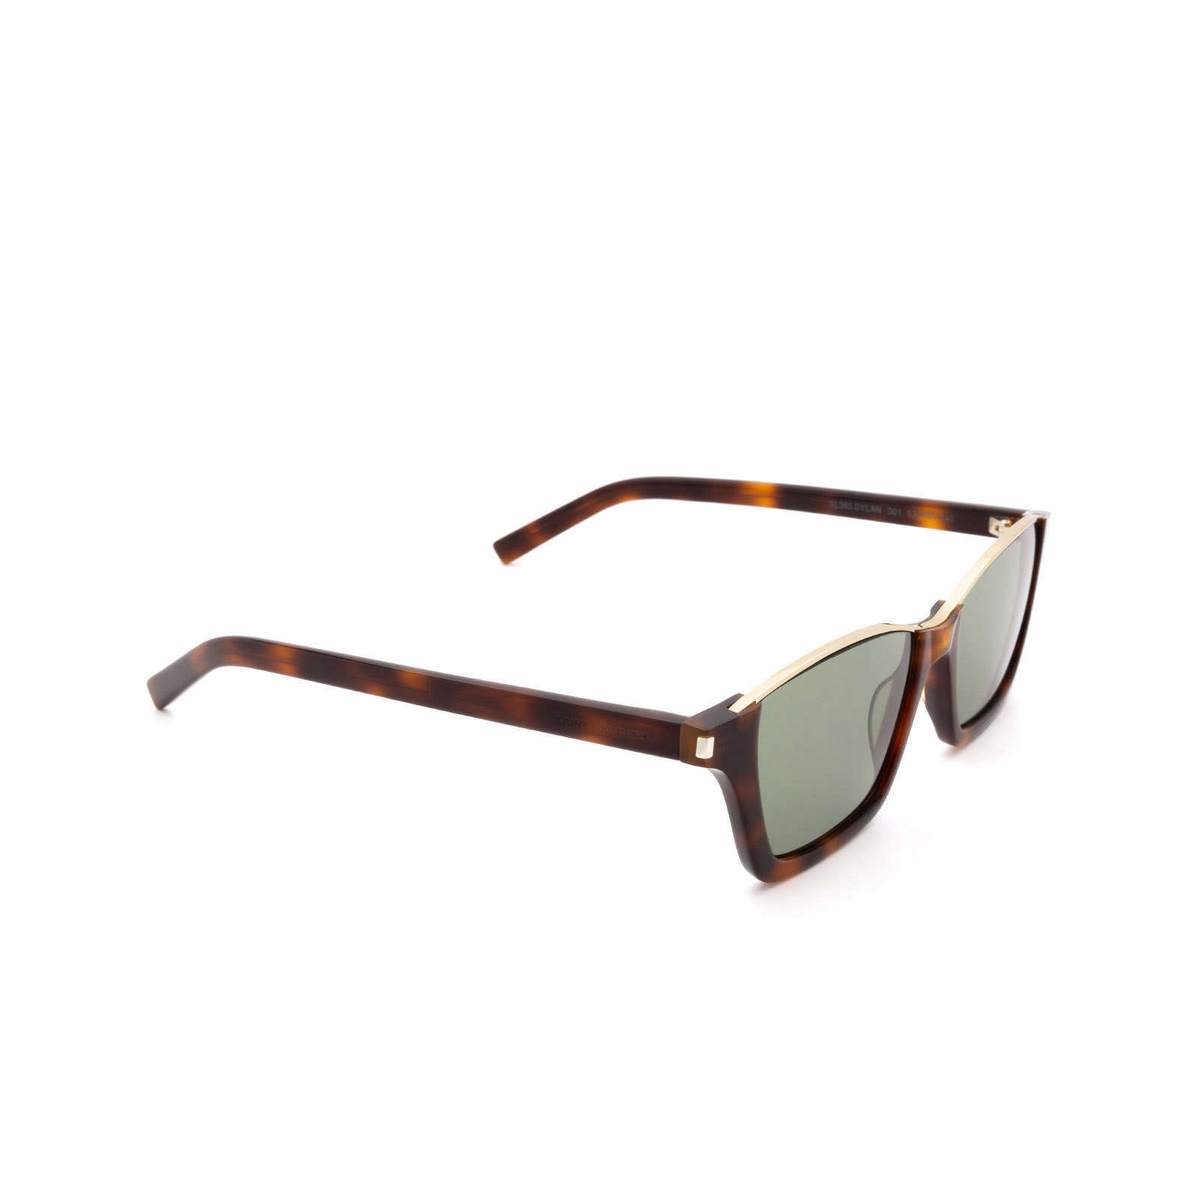 Saint Laurent® Square Sunglasses: Dylan SL 365 color Havana 001 - 2/3.